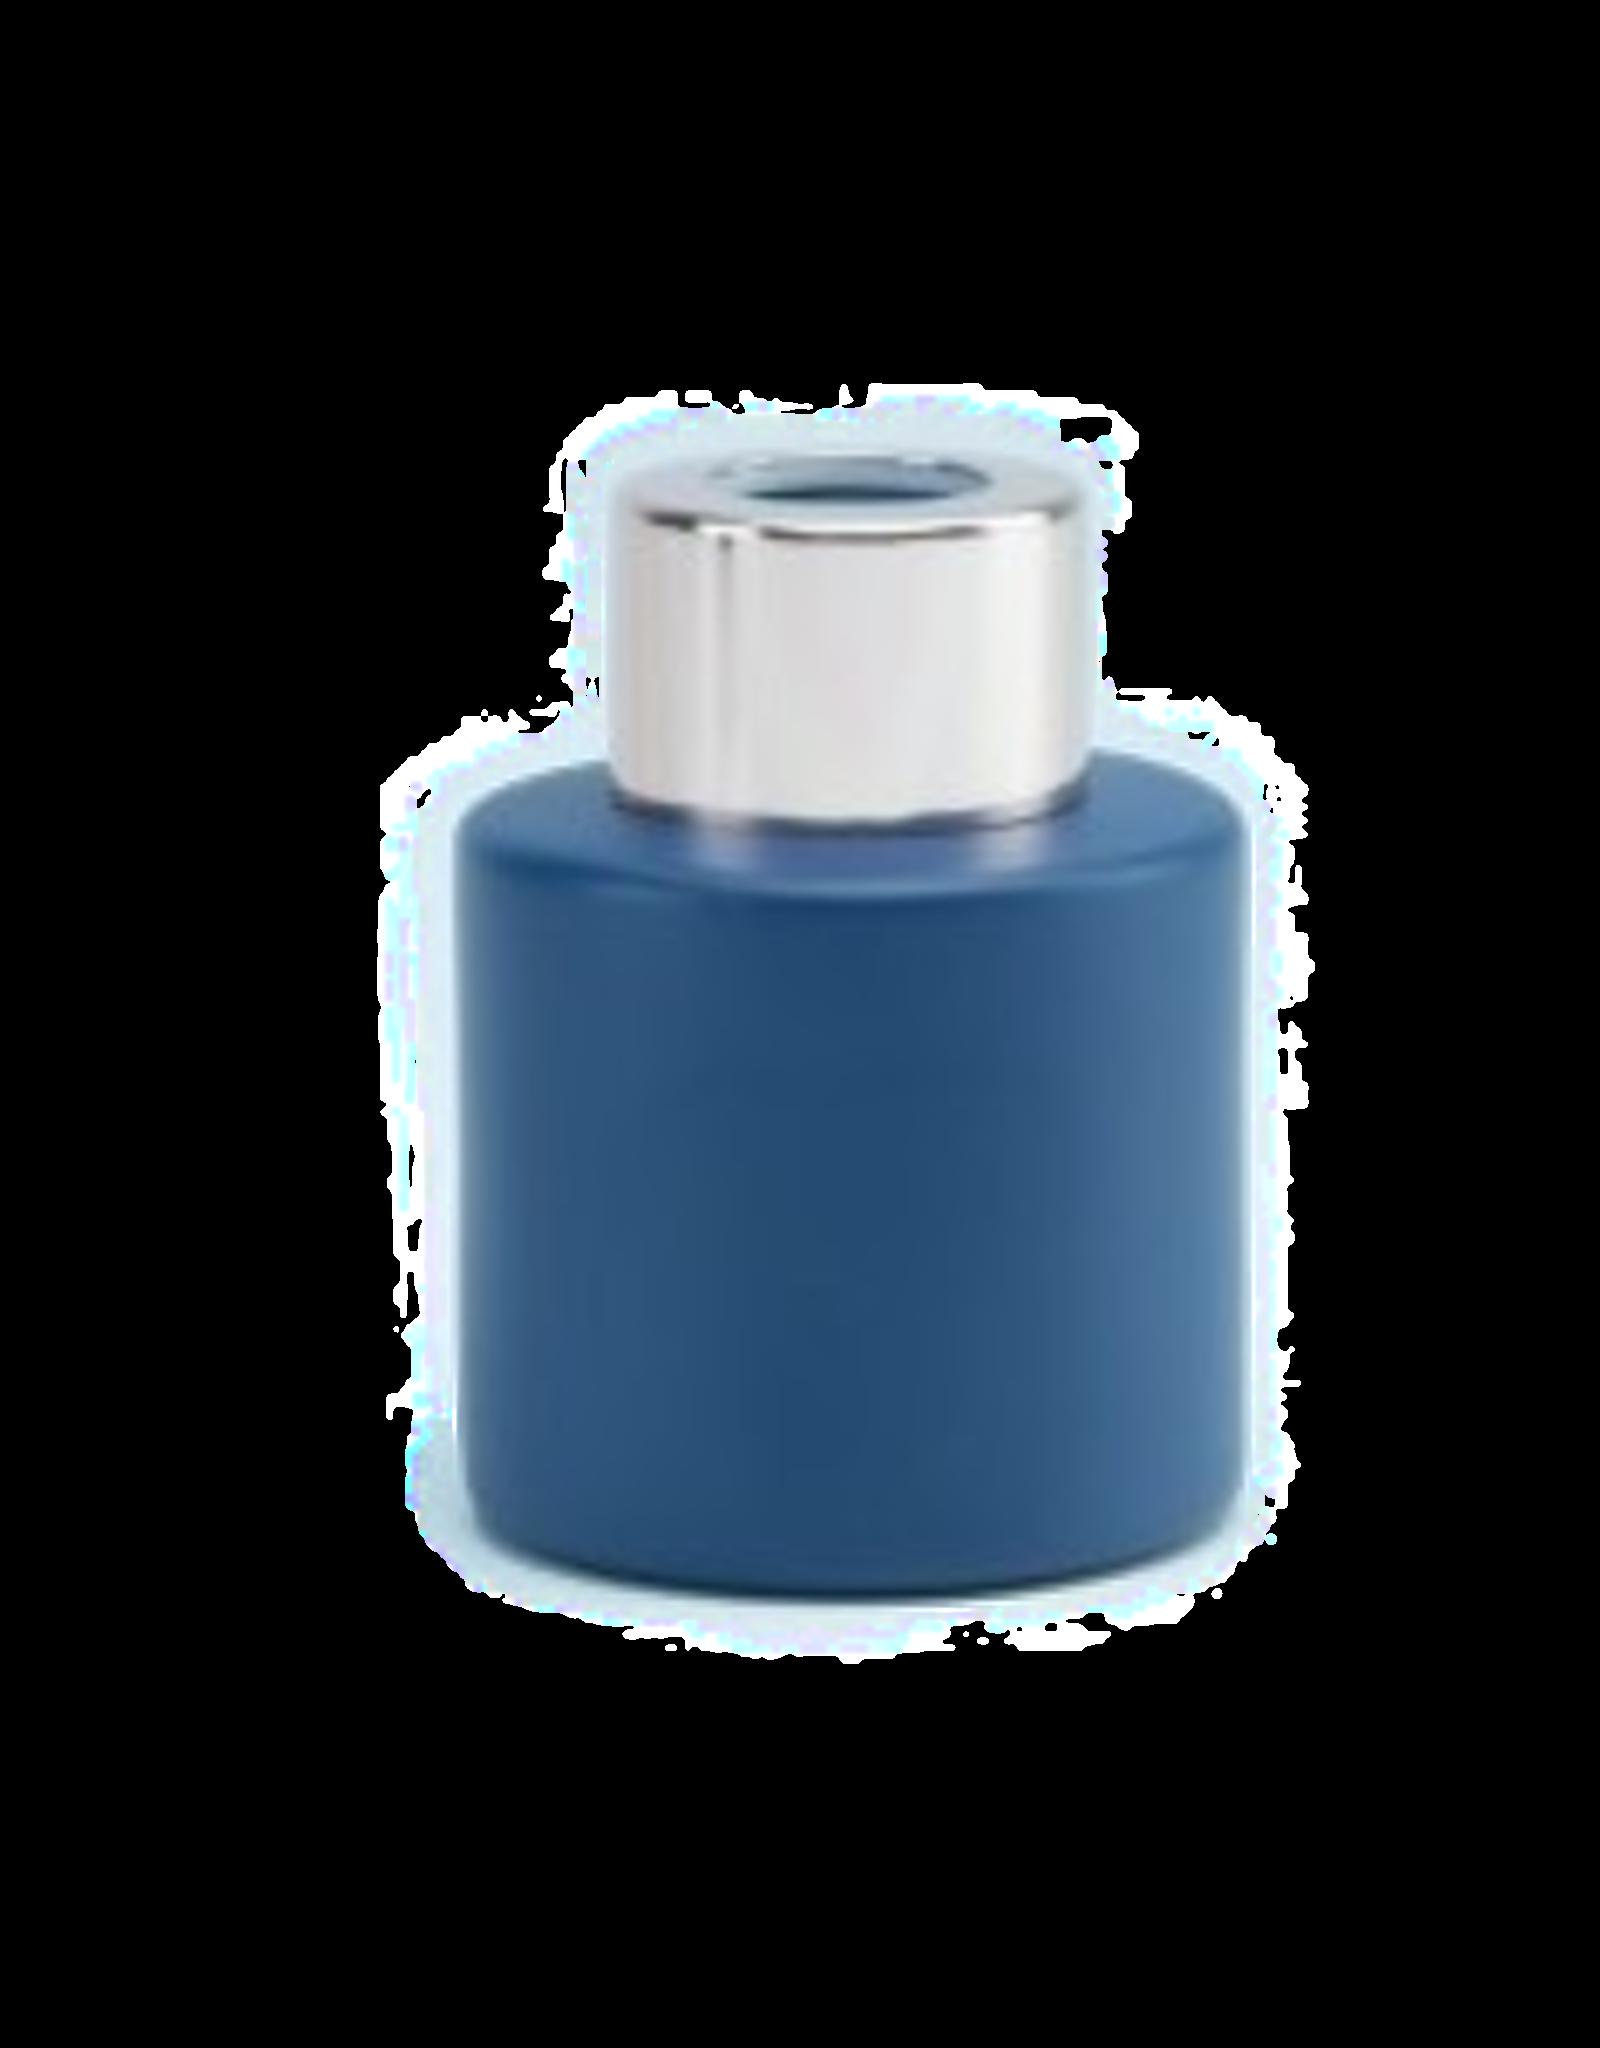 Body & Soap Geurpotje blauw/roze dop - Body & Soap